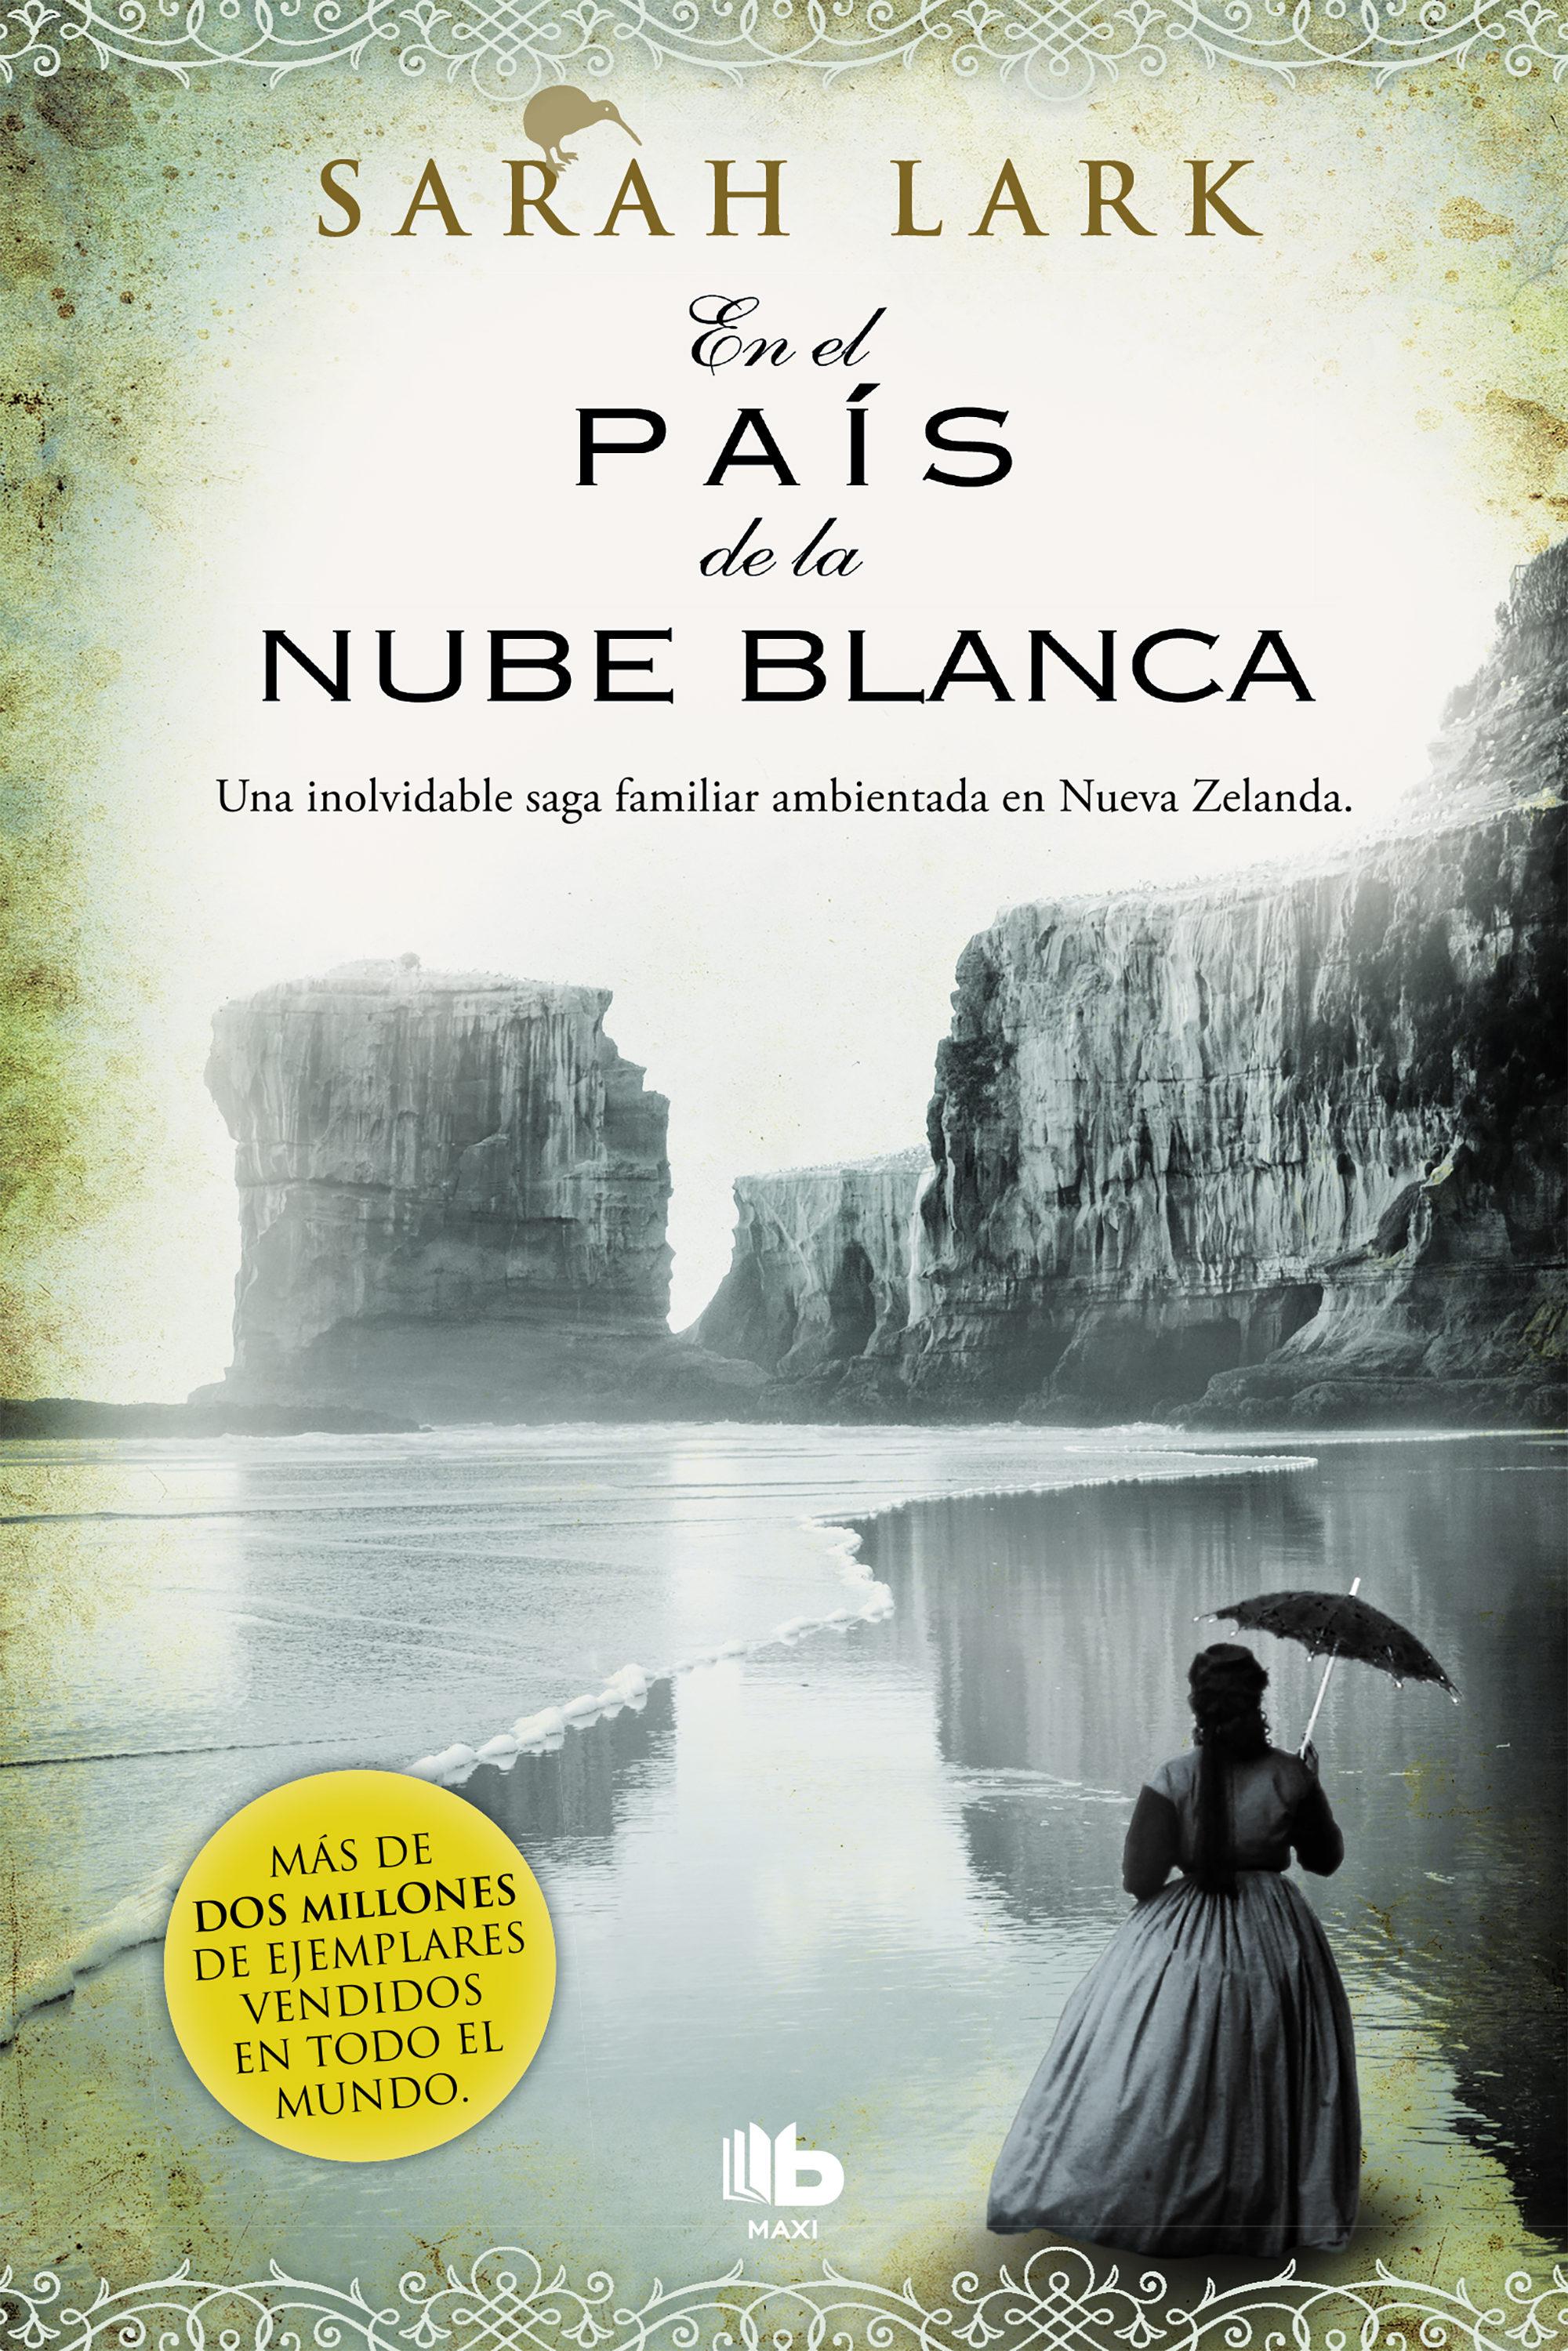 En el País de la Nube Blanca - Sarah Lark - B De Bolsillo